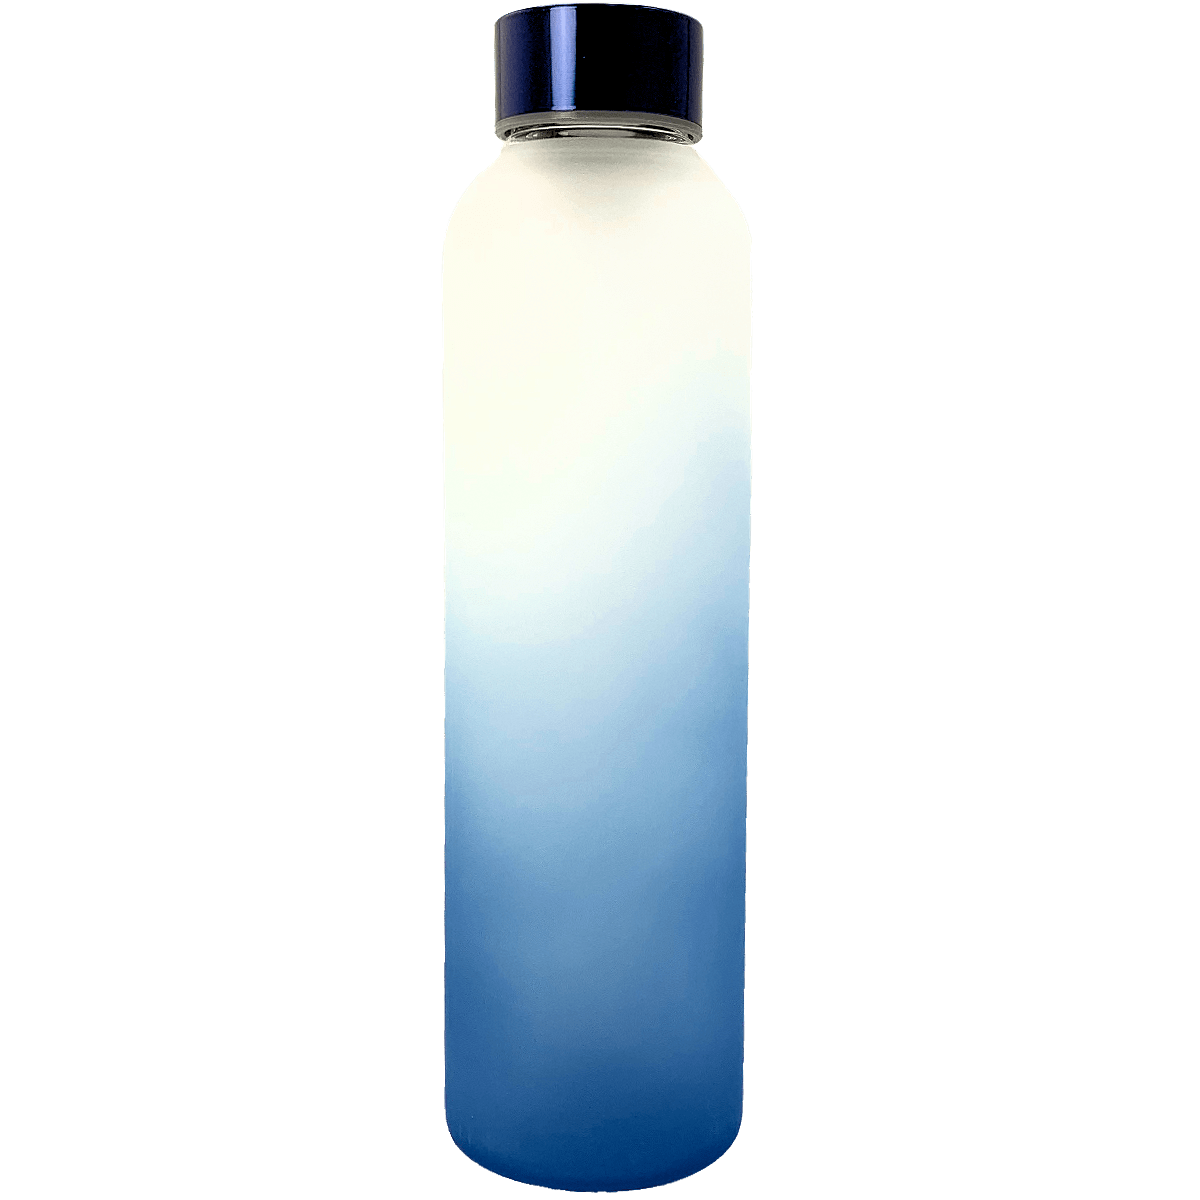 Drinkmate die Glasflasche für den Wassersprudler